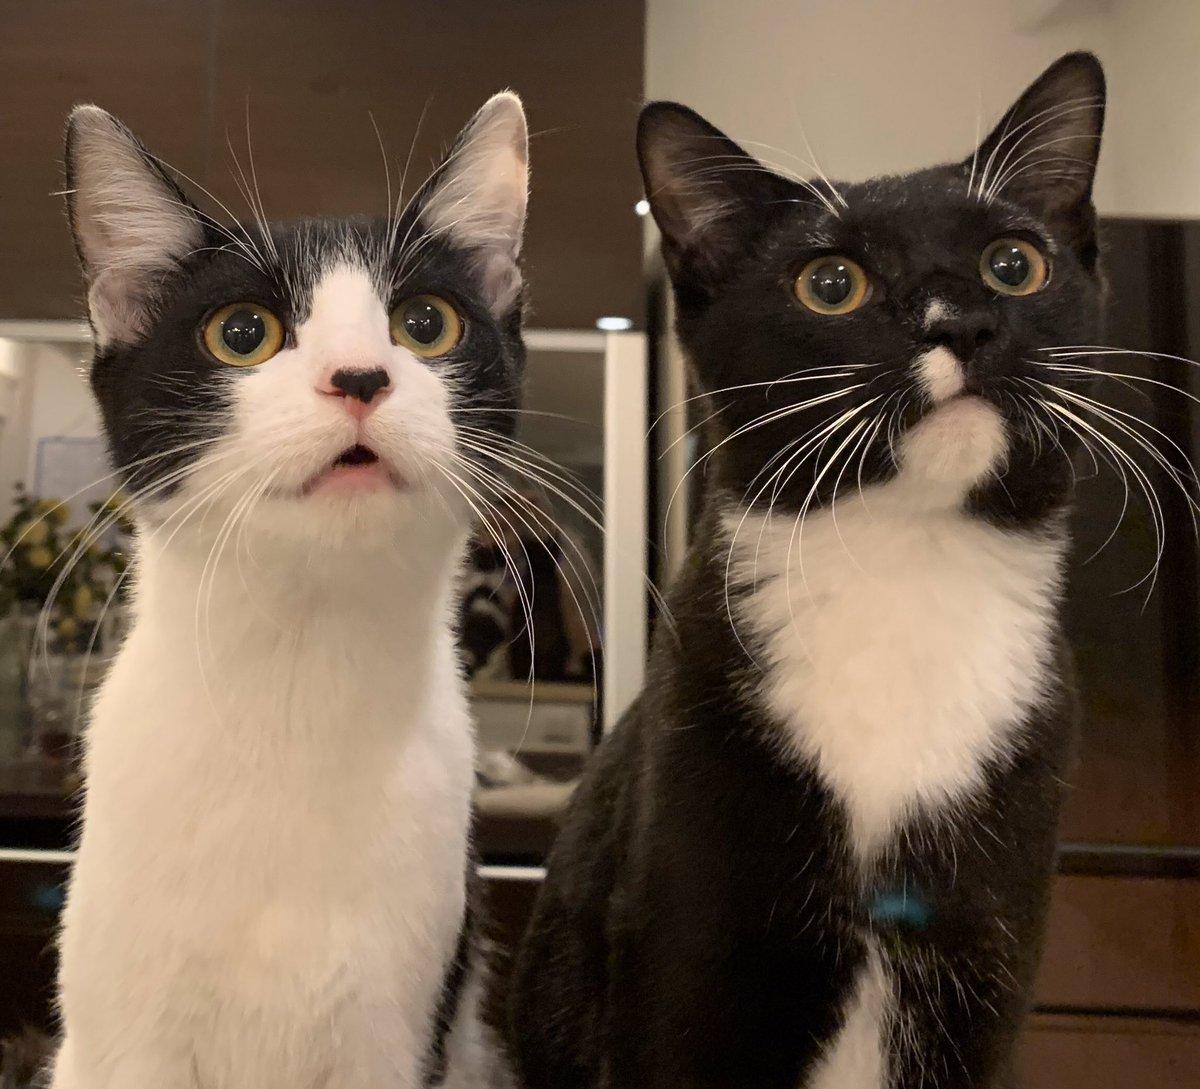 ブルーインパルスに心を奪われる猫#医療従事者の皆様に#感謝